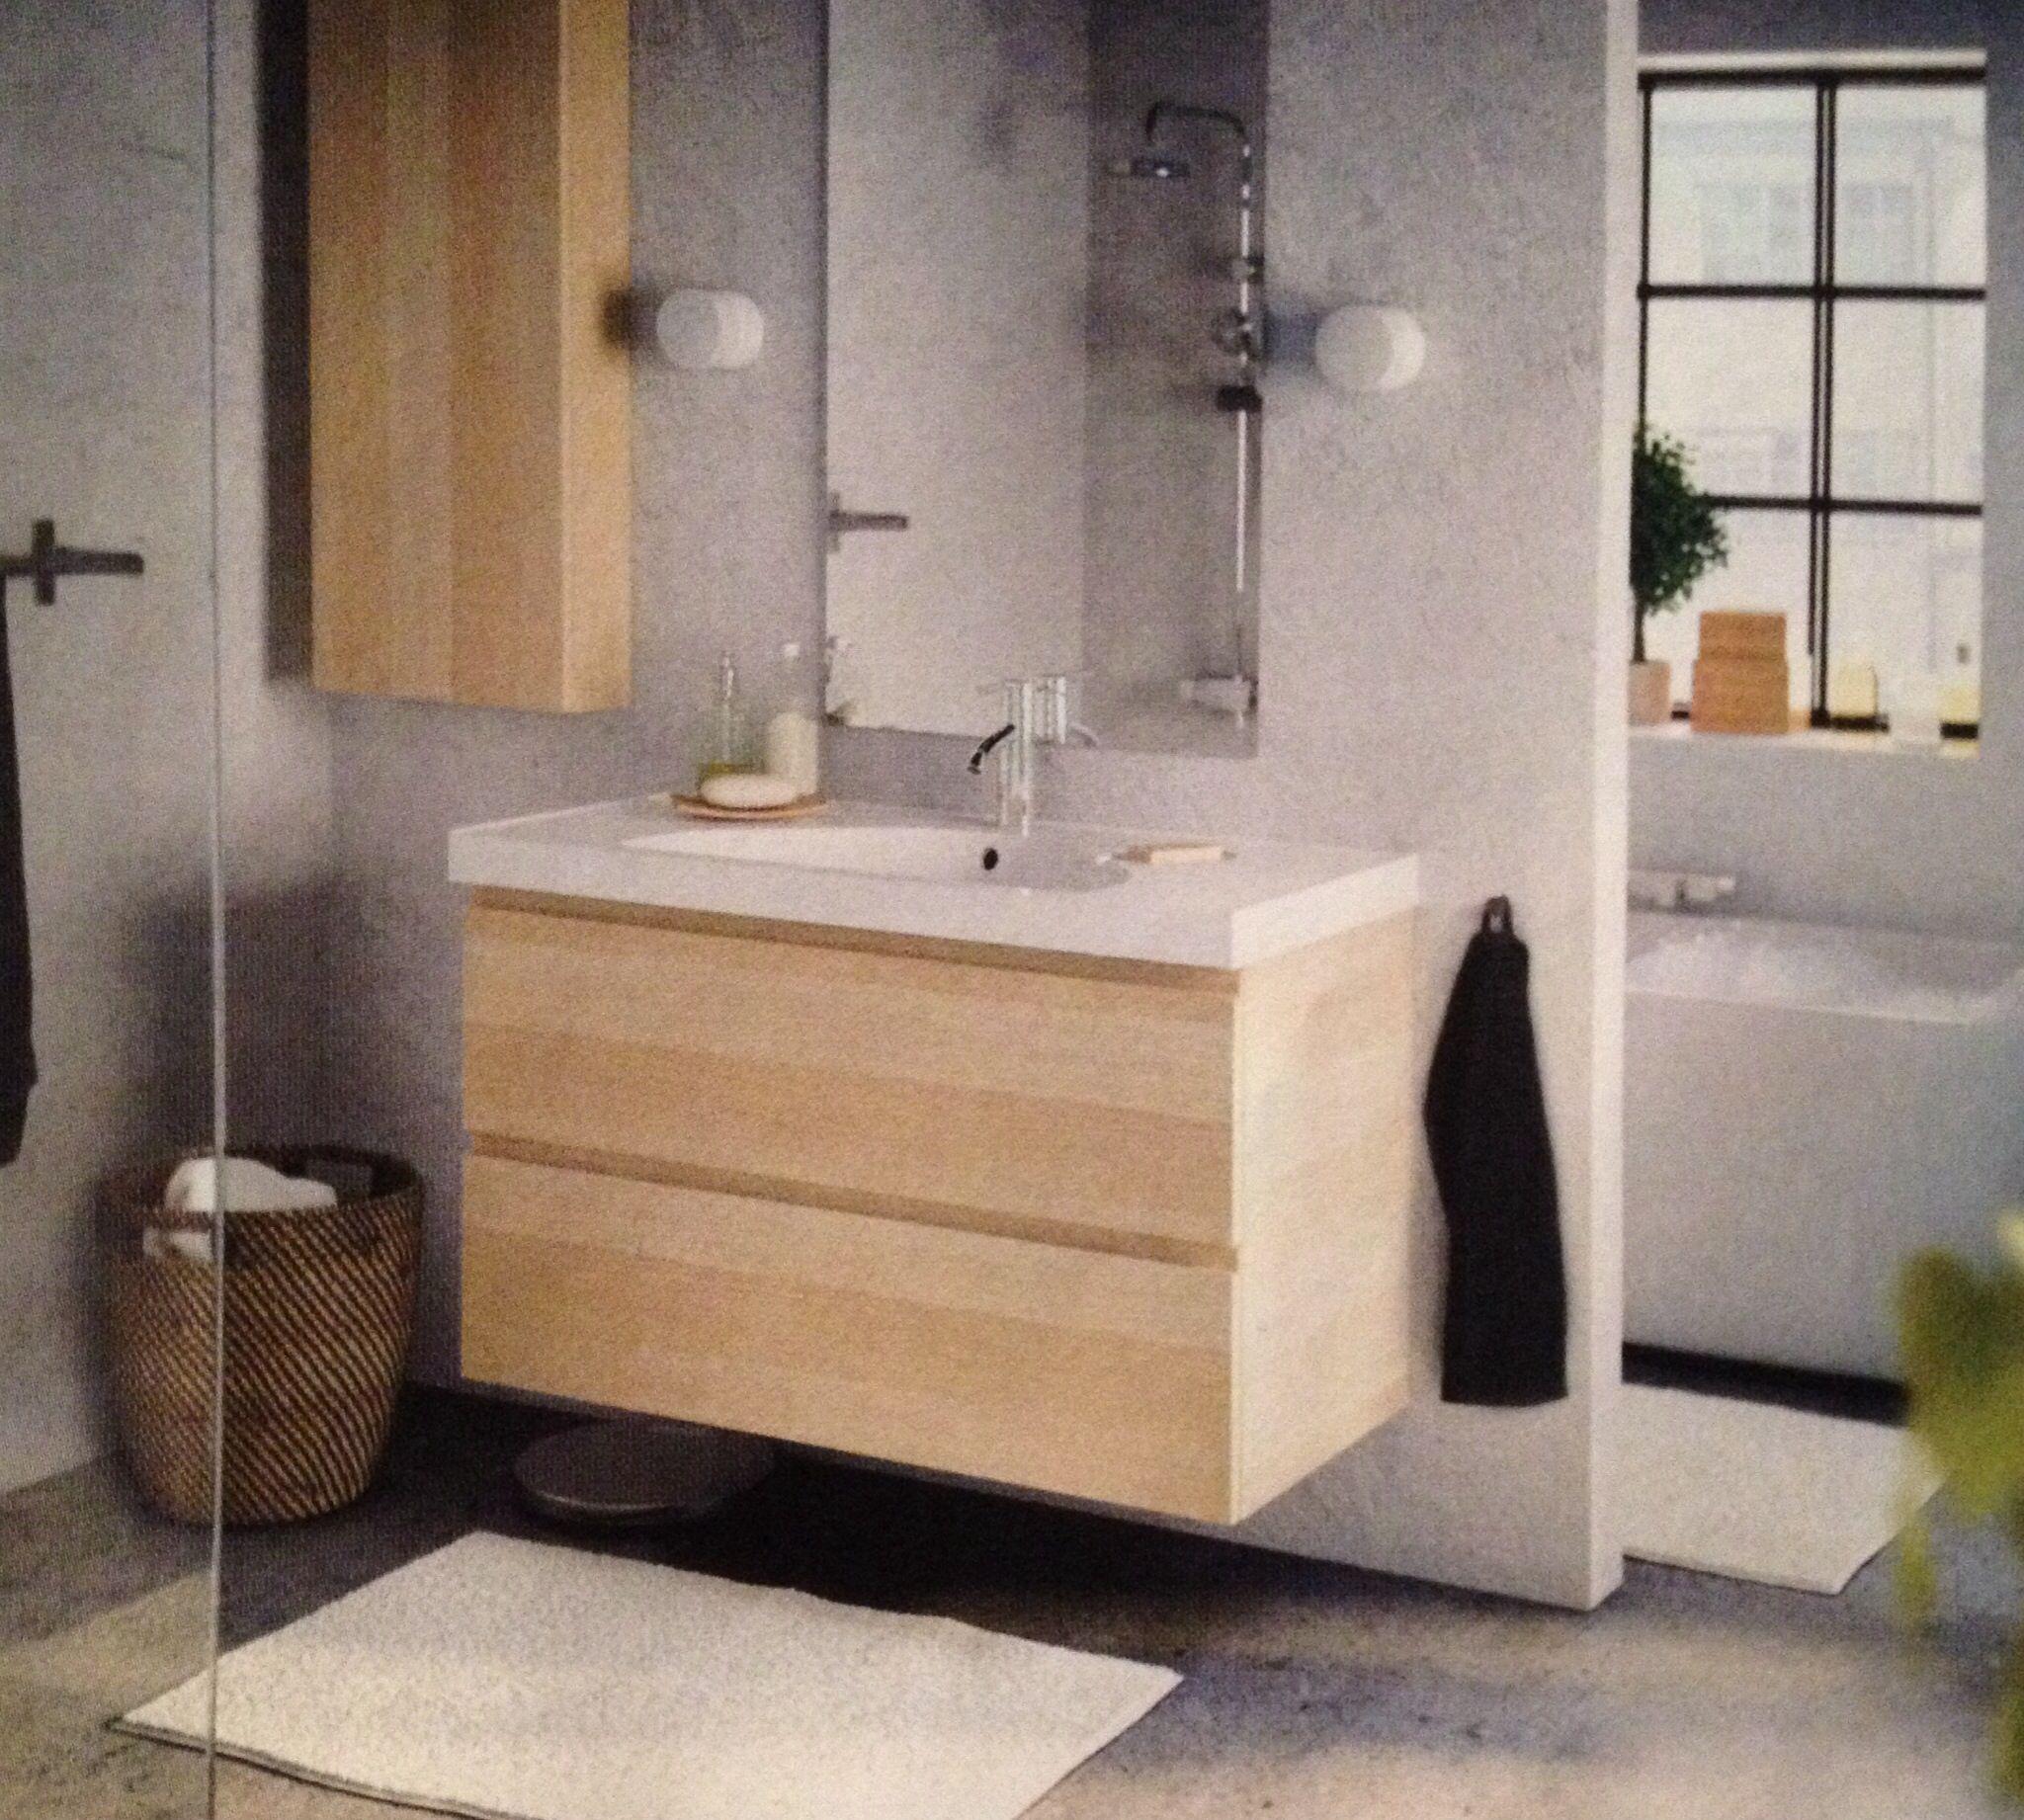 badrum ikea fr n k k bad bathroom pinterest badezimmer badezimmer eiche und schrank. Black Bedroom Furniture Sets. Home Design Ideas